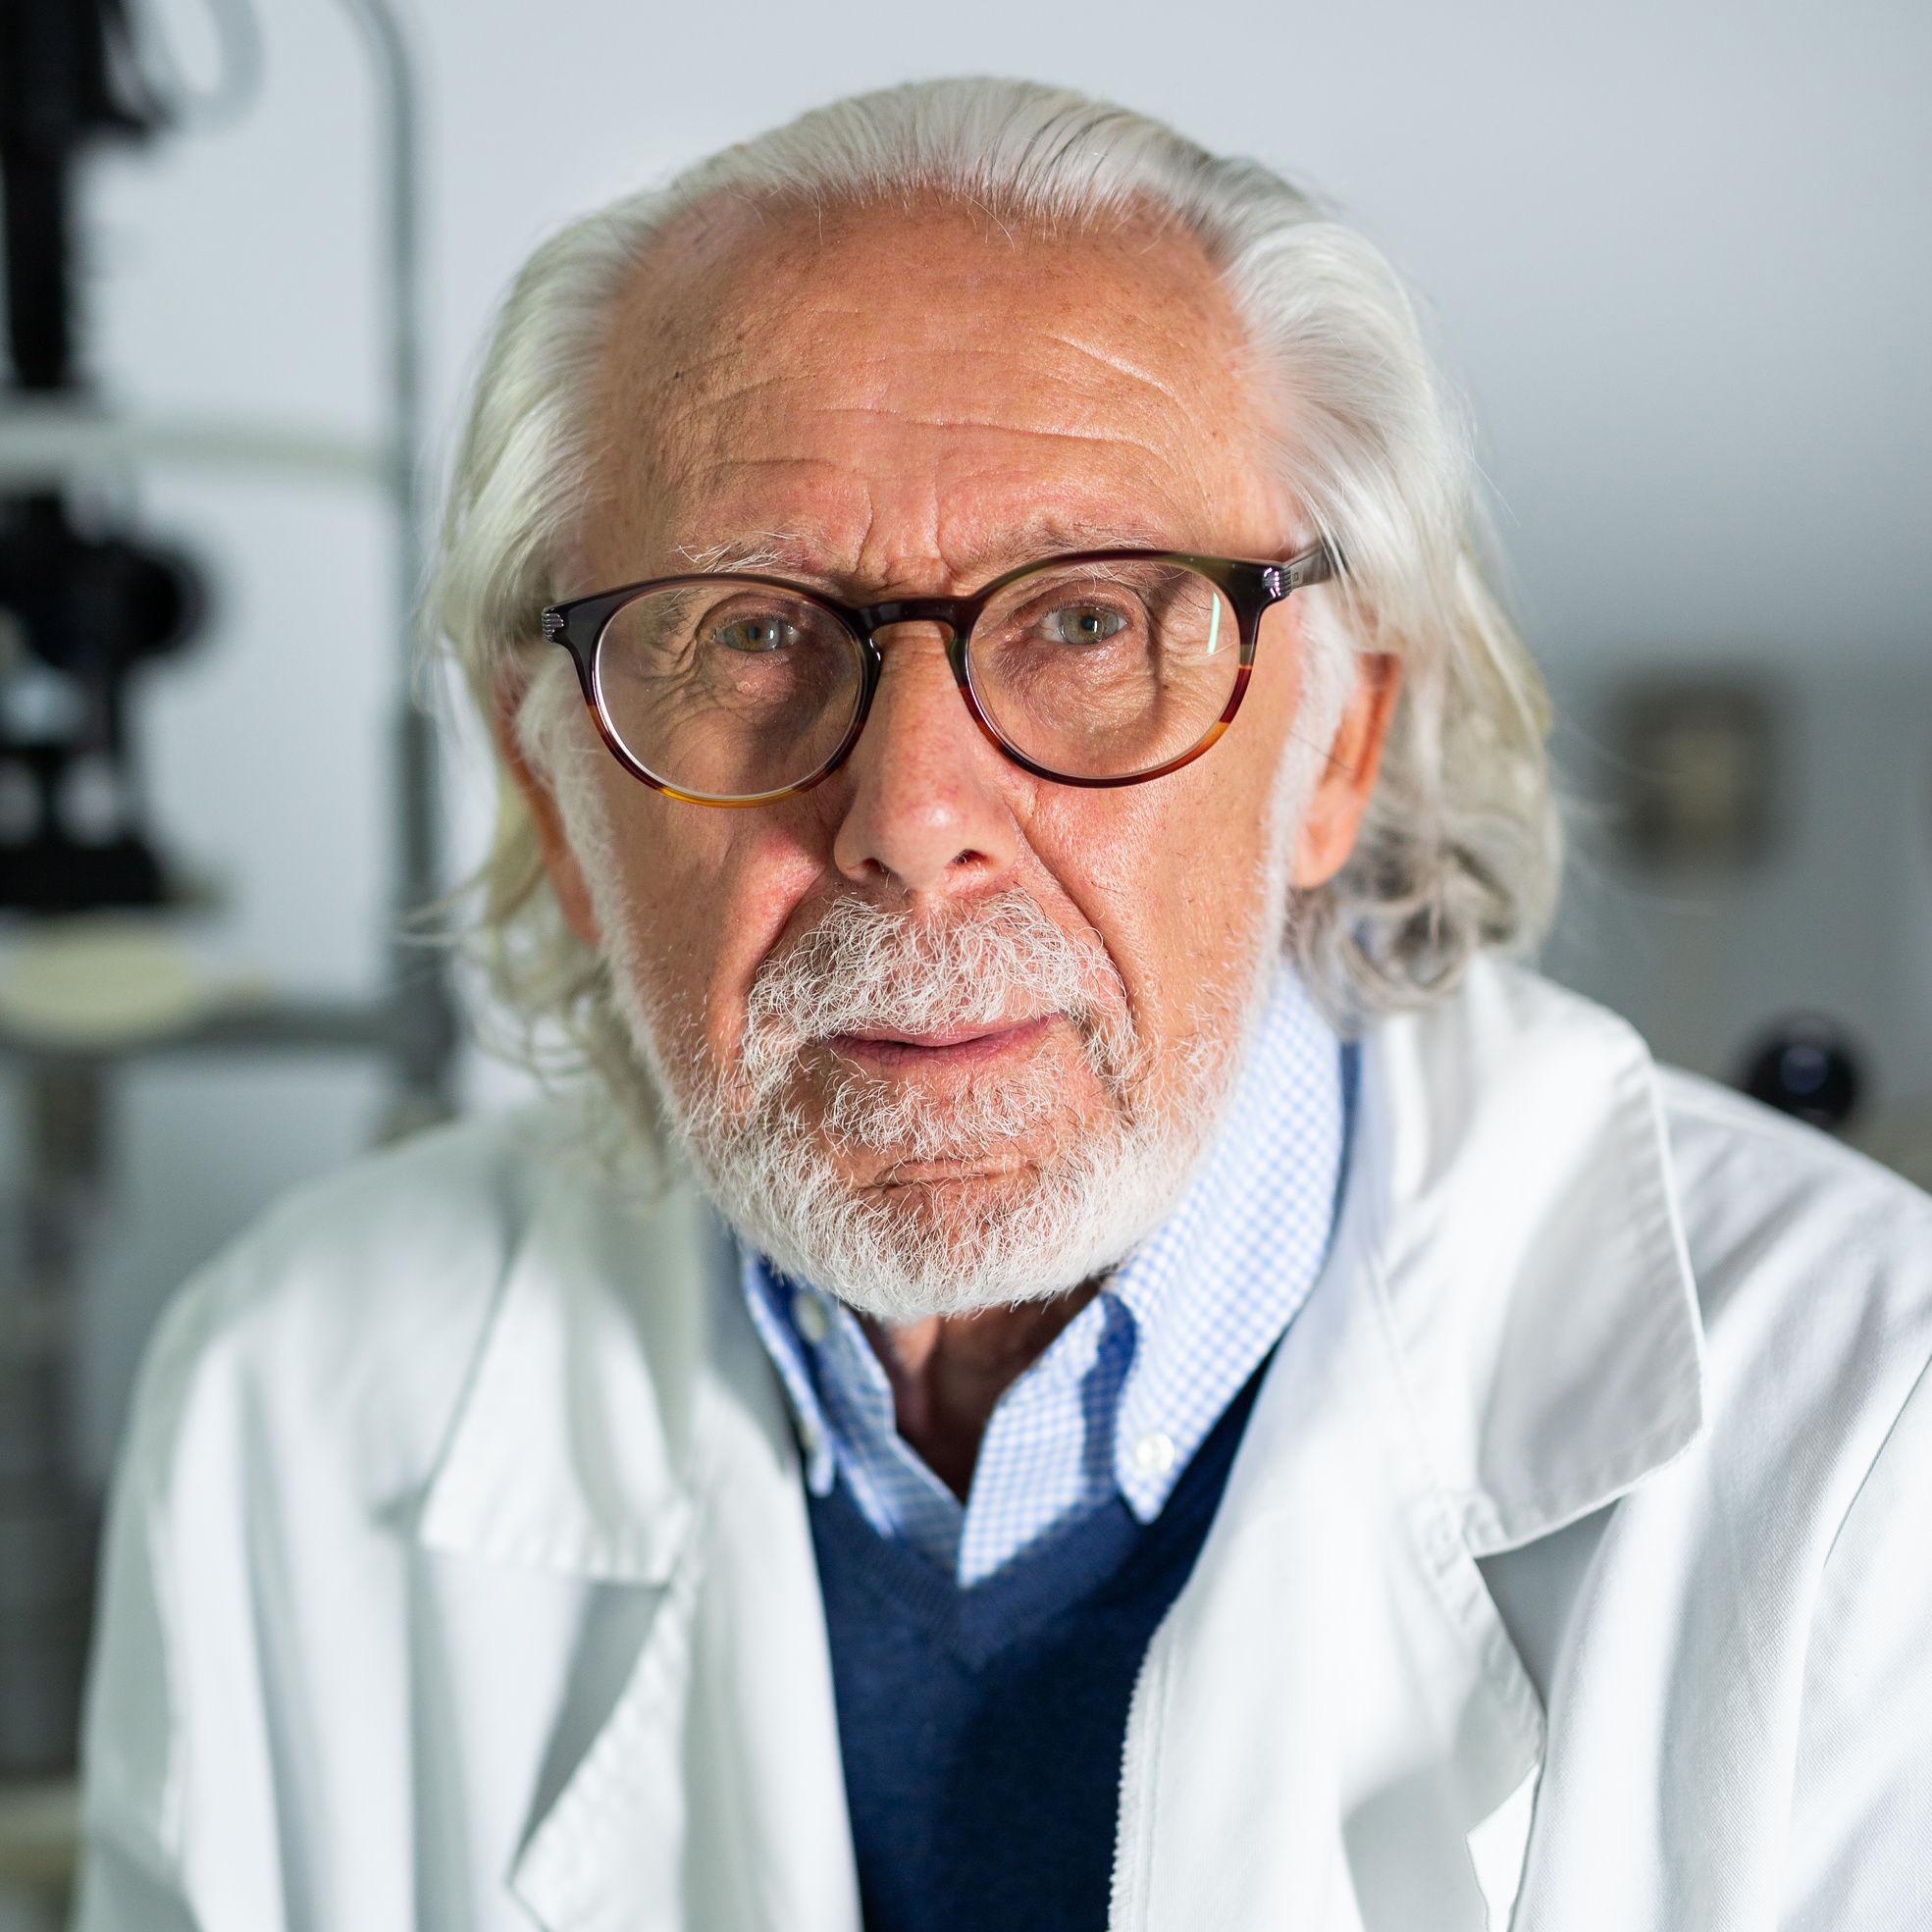 Dr. Dolcet